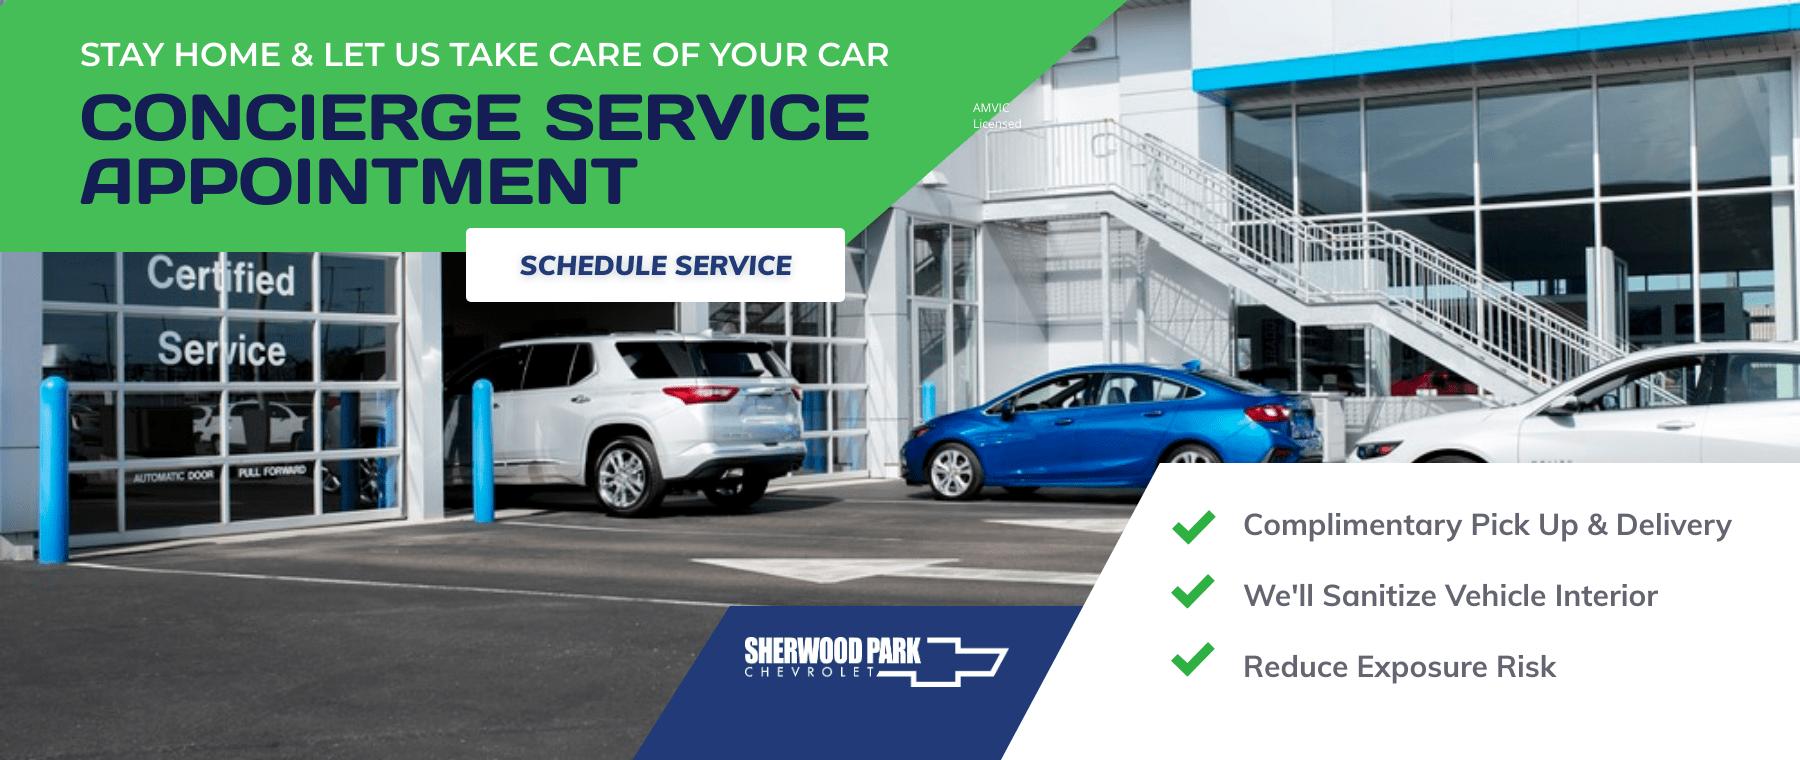 Sherwood Park Chevrolet - Concierge Service- appointment